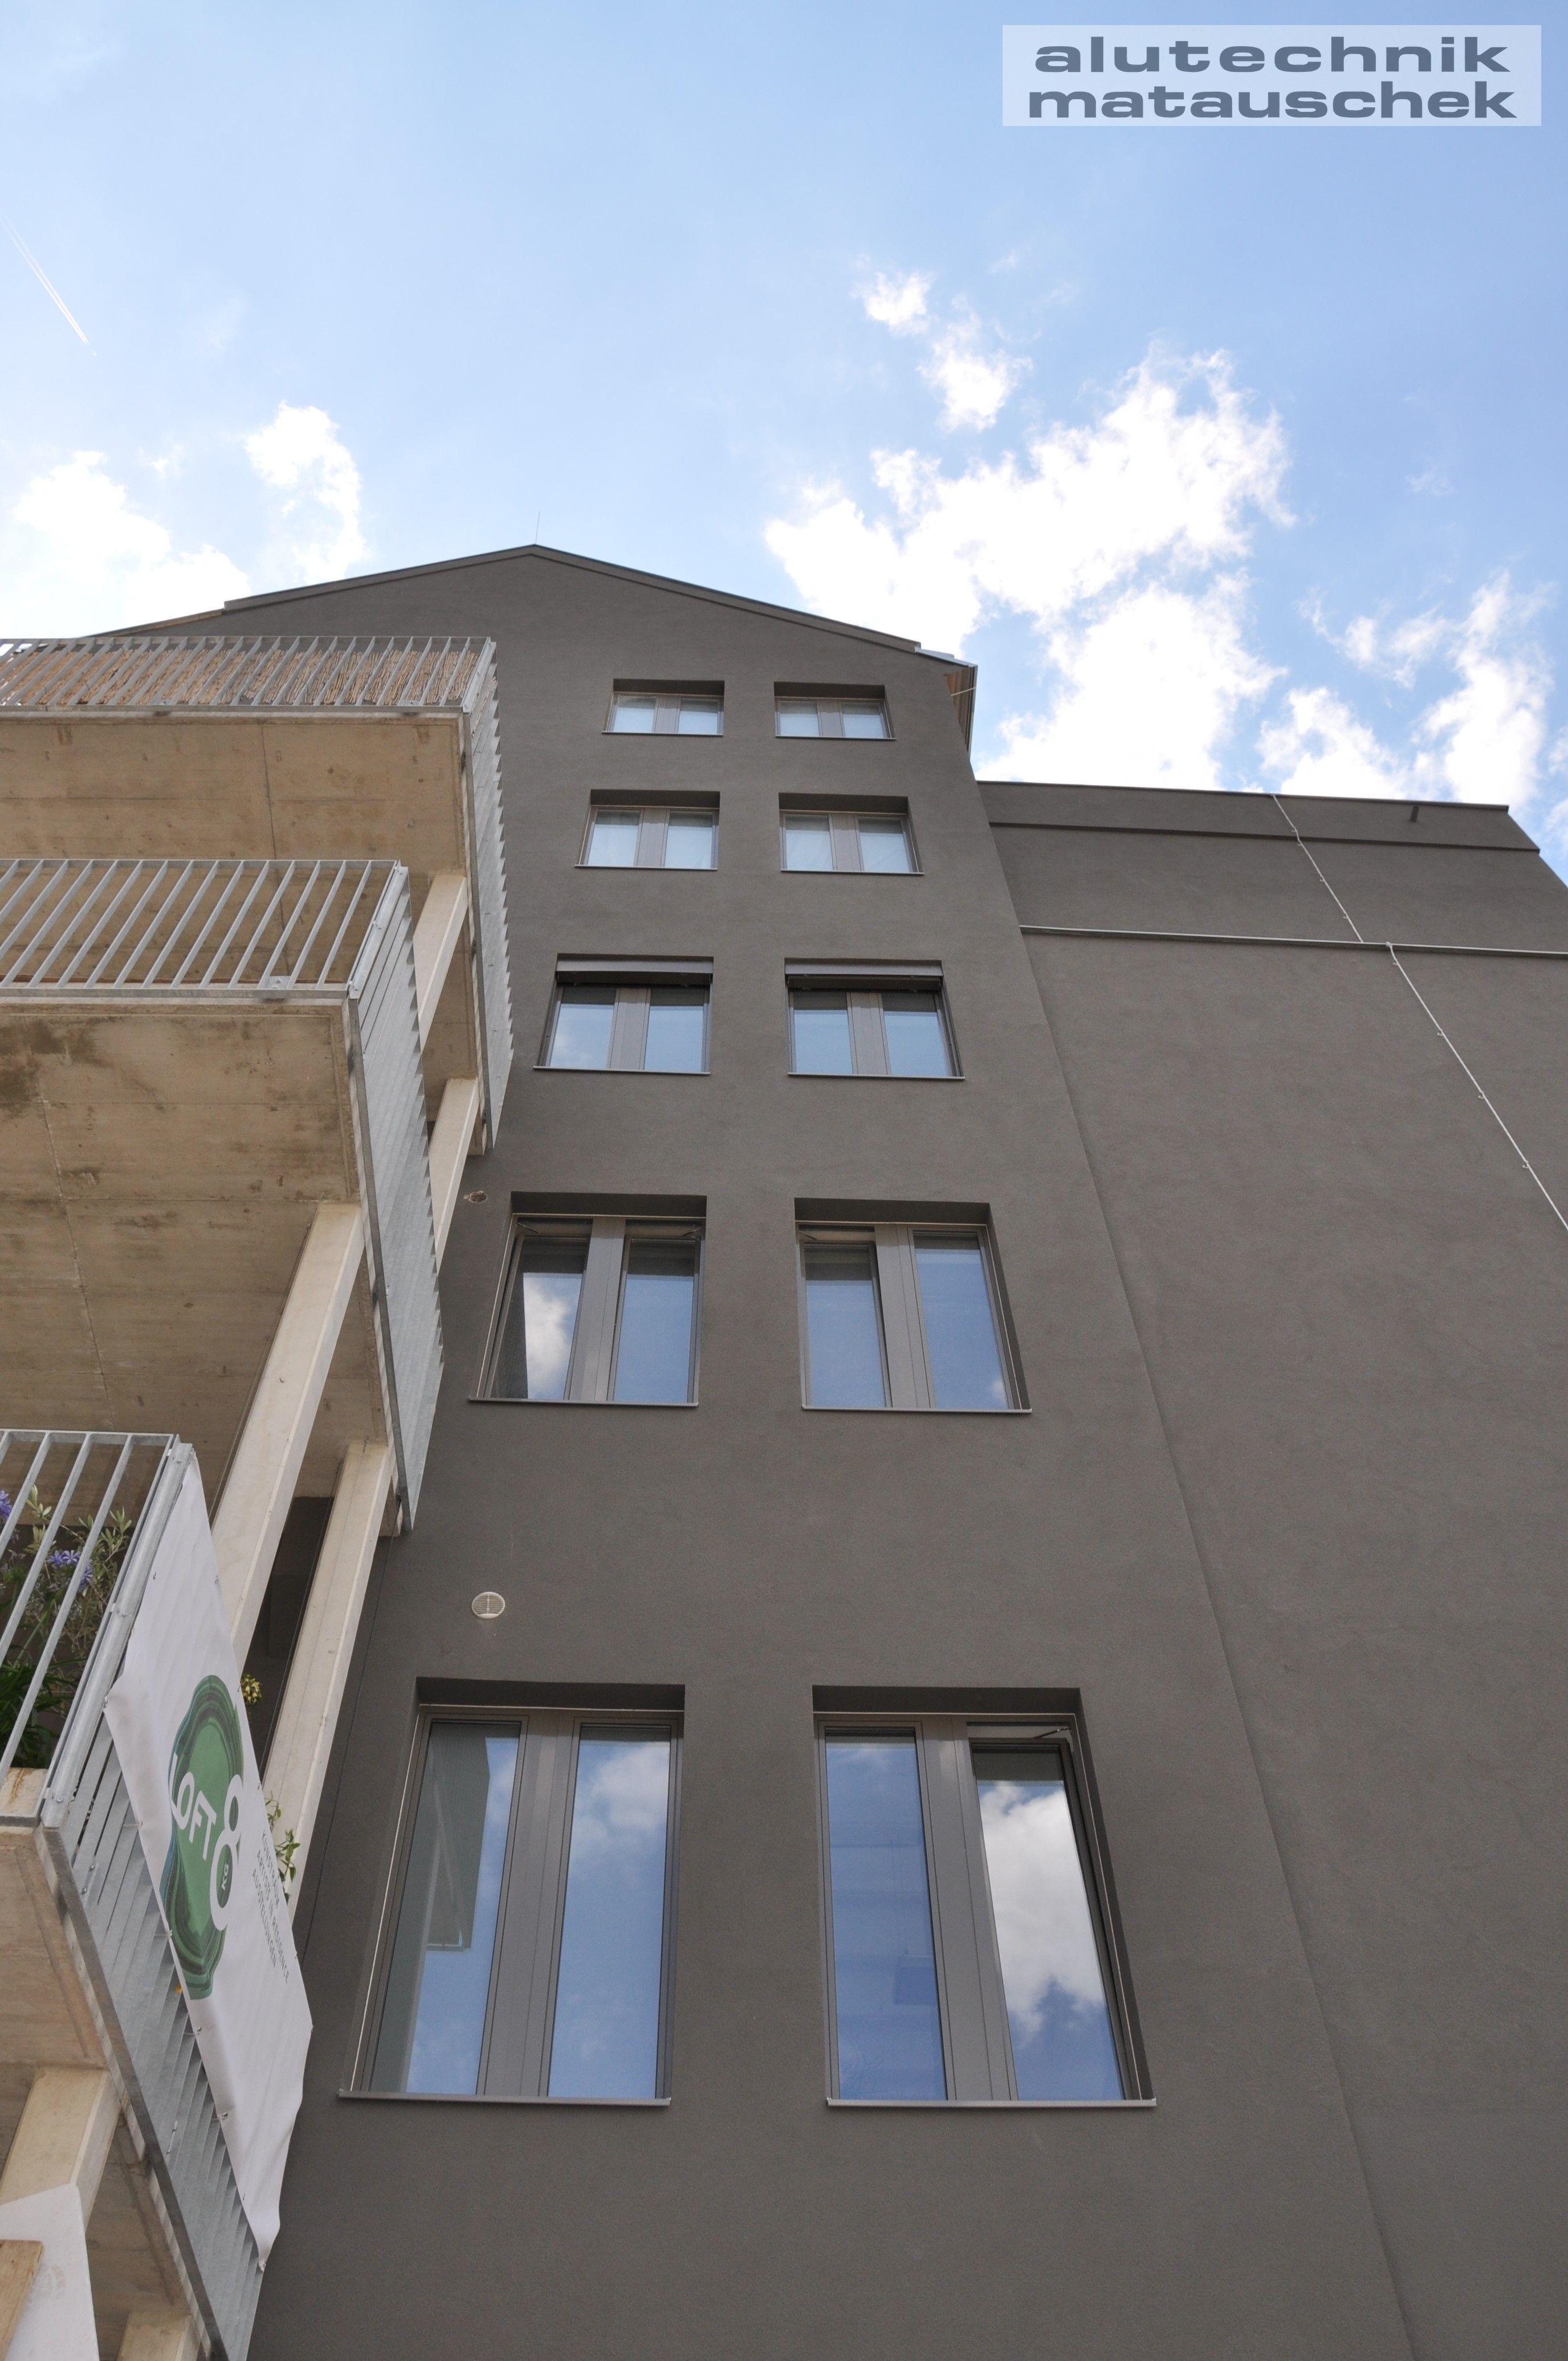 Bionium Aluminium Fenster treffen auf Loft City – Matauschek